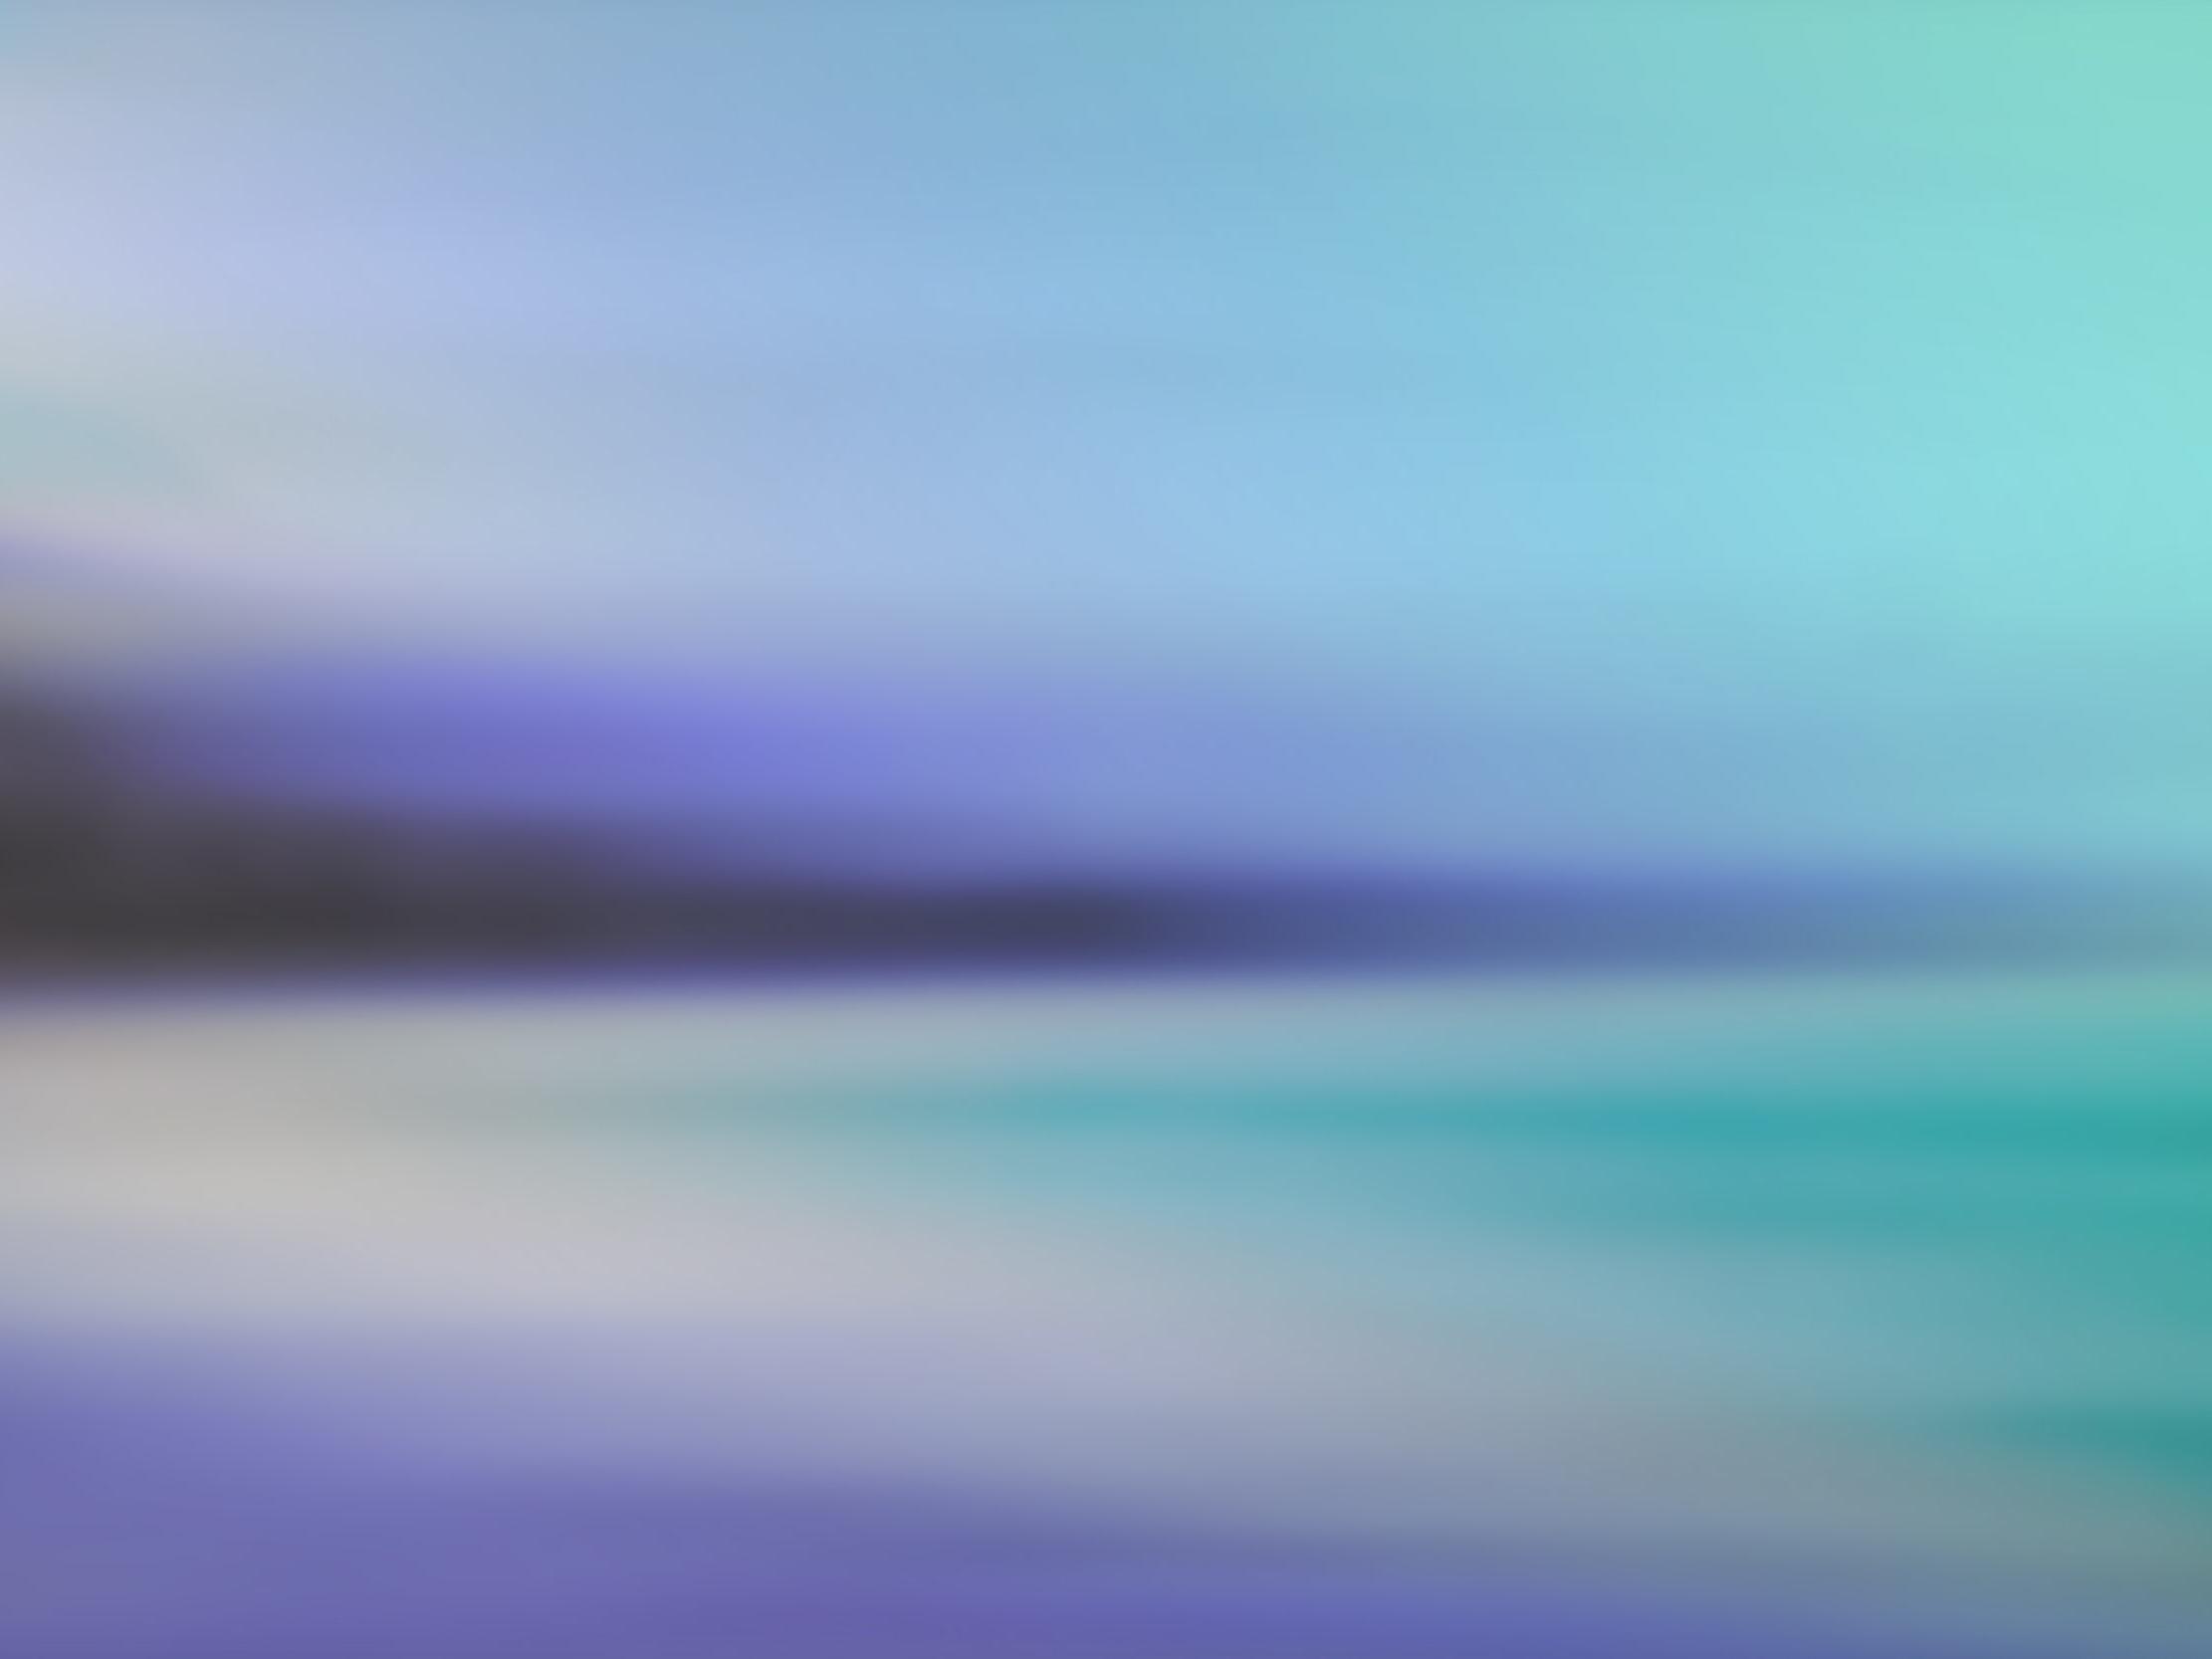 Blur02